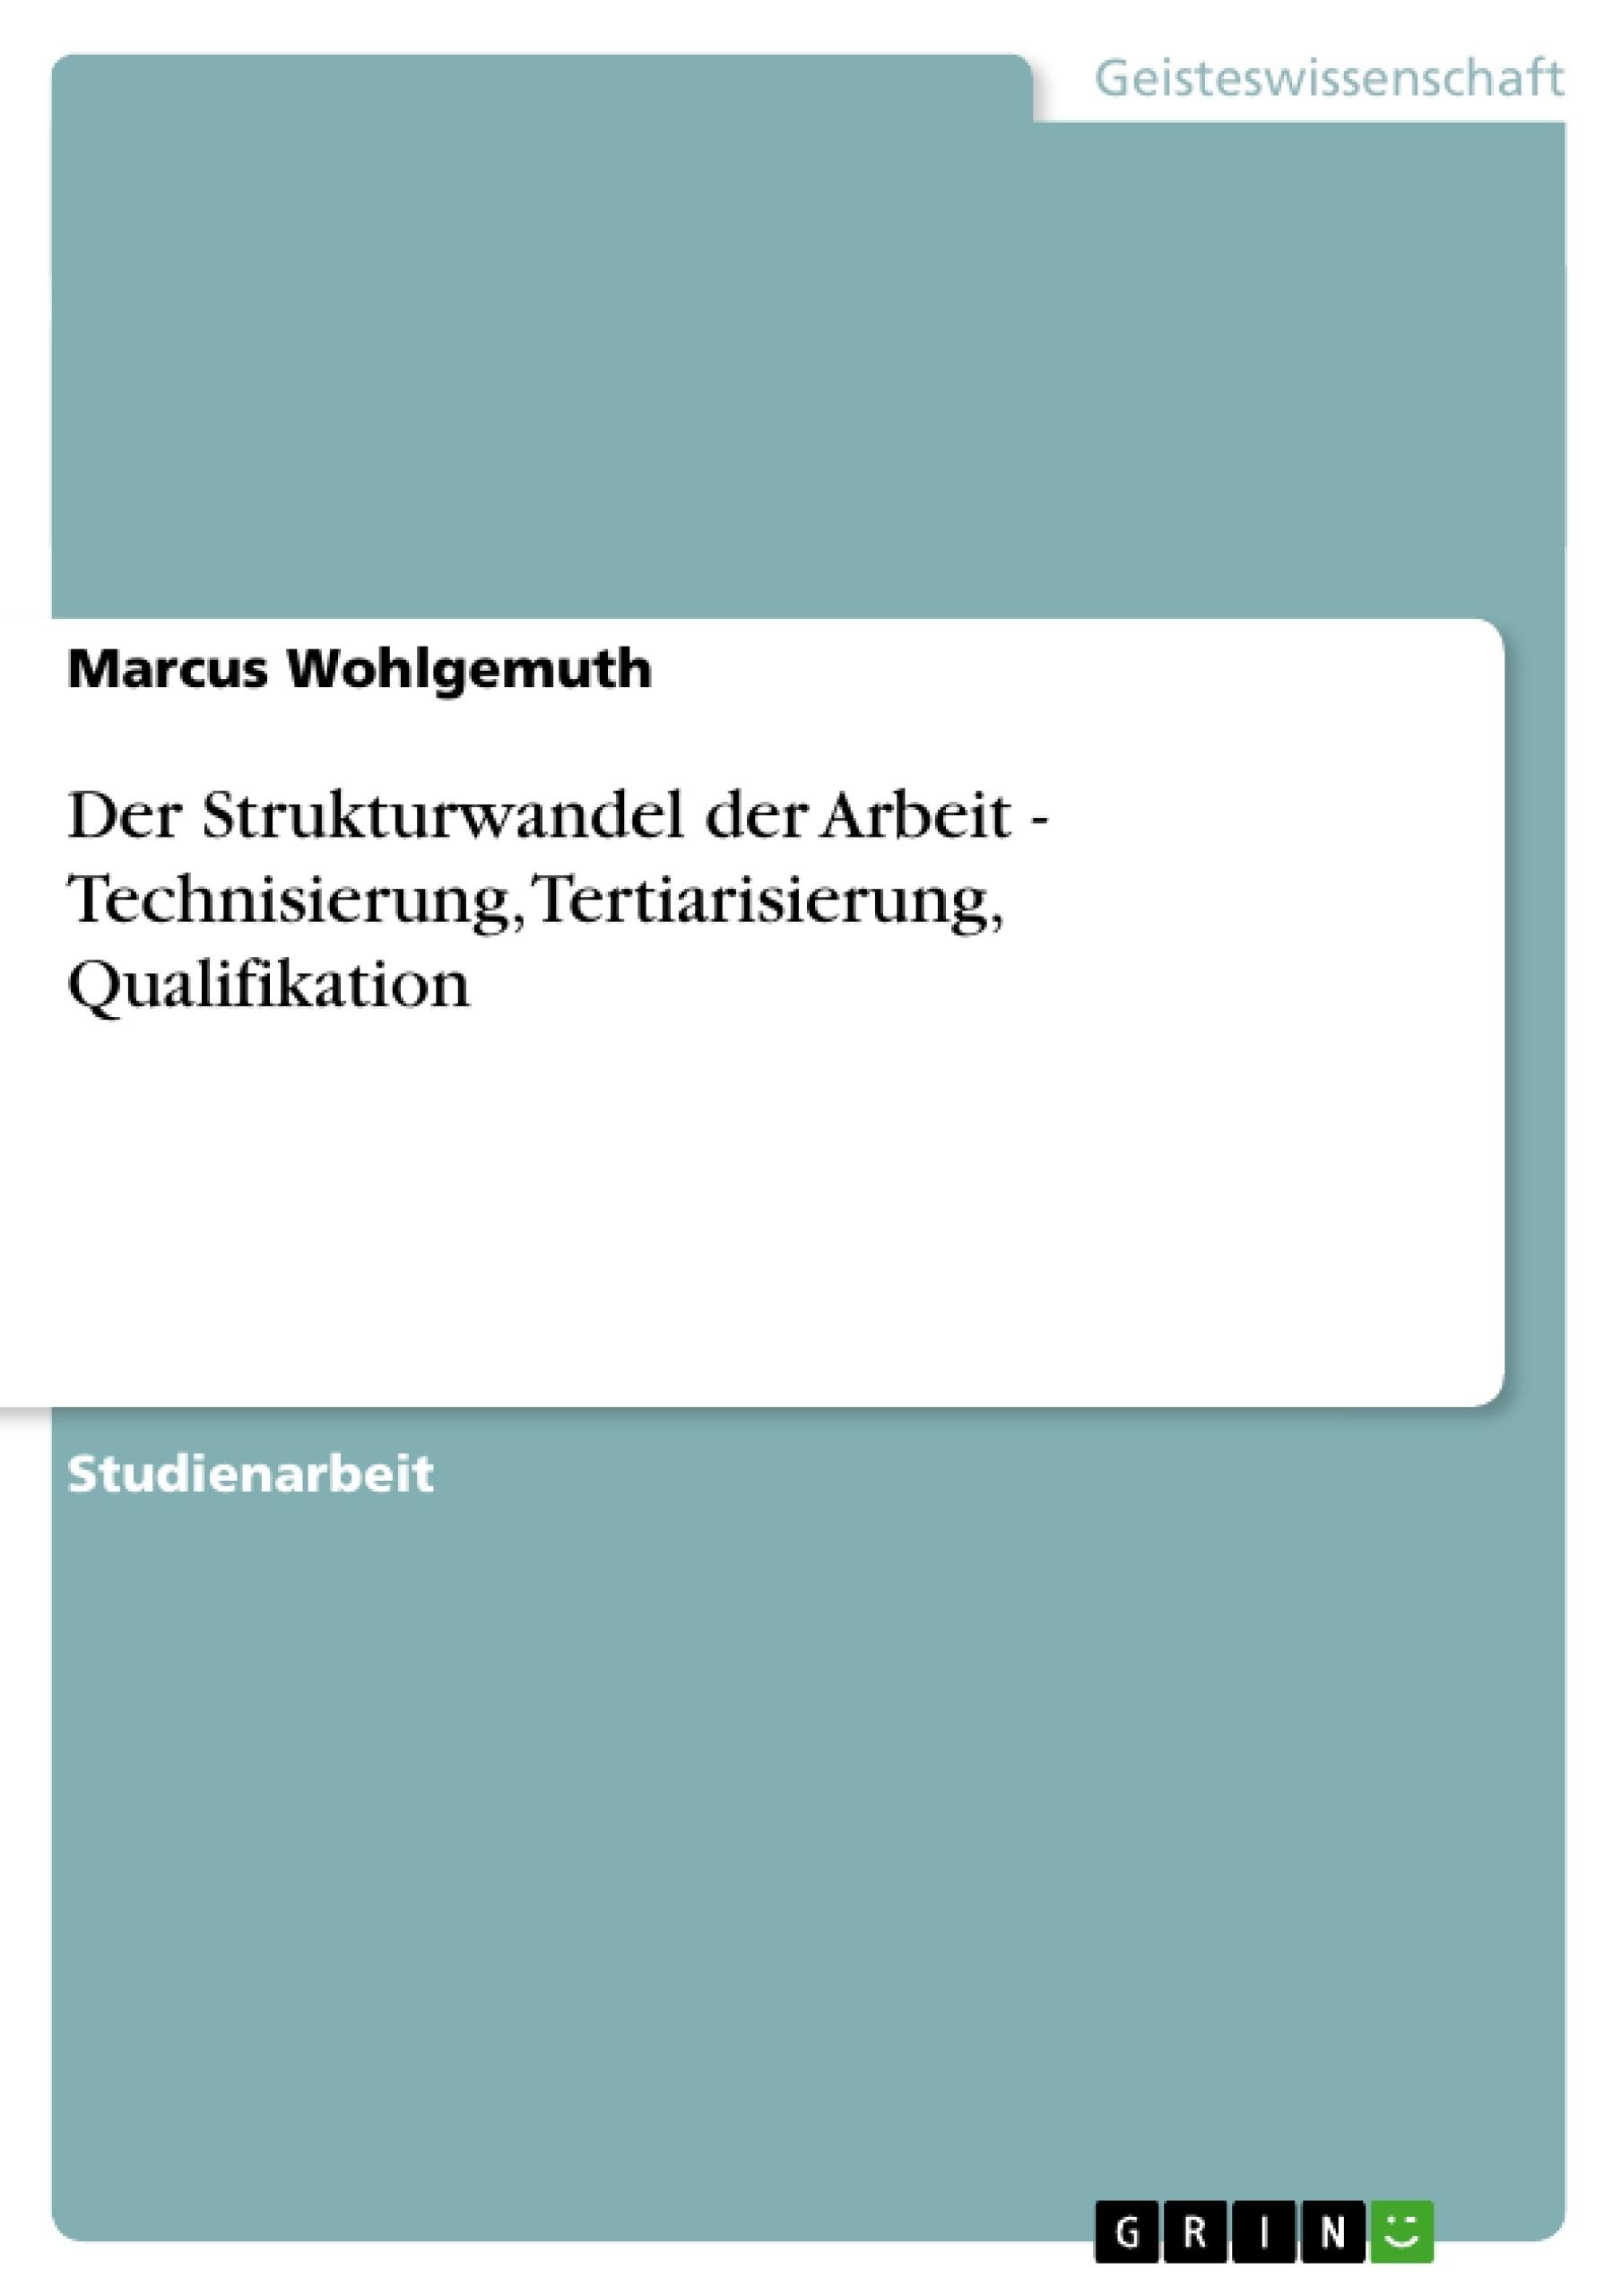 Titel: Der Strukturwandel der Arbeit - Technisierung, Tertiarisierung, Qualifikation